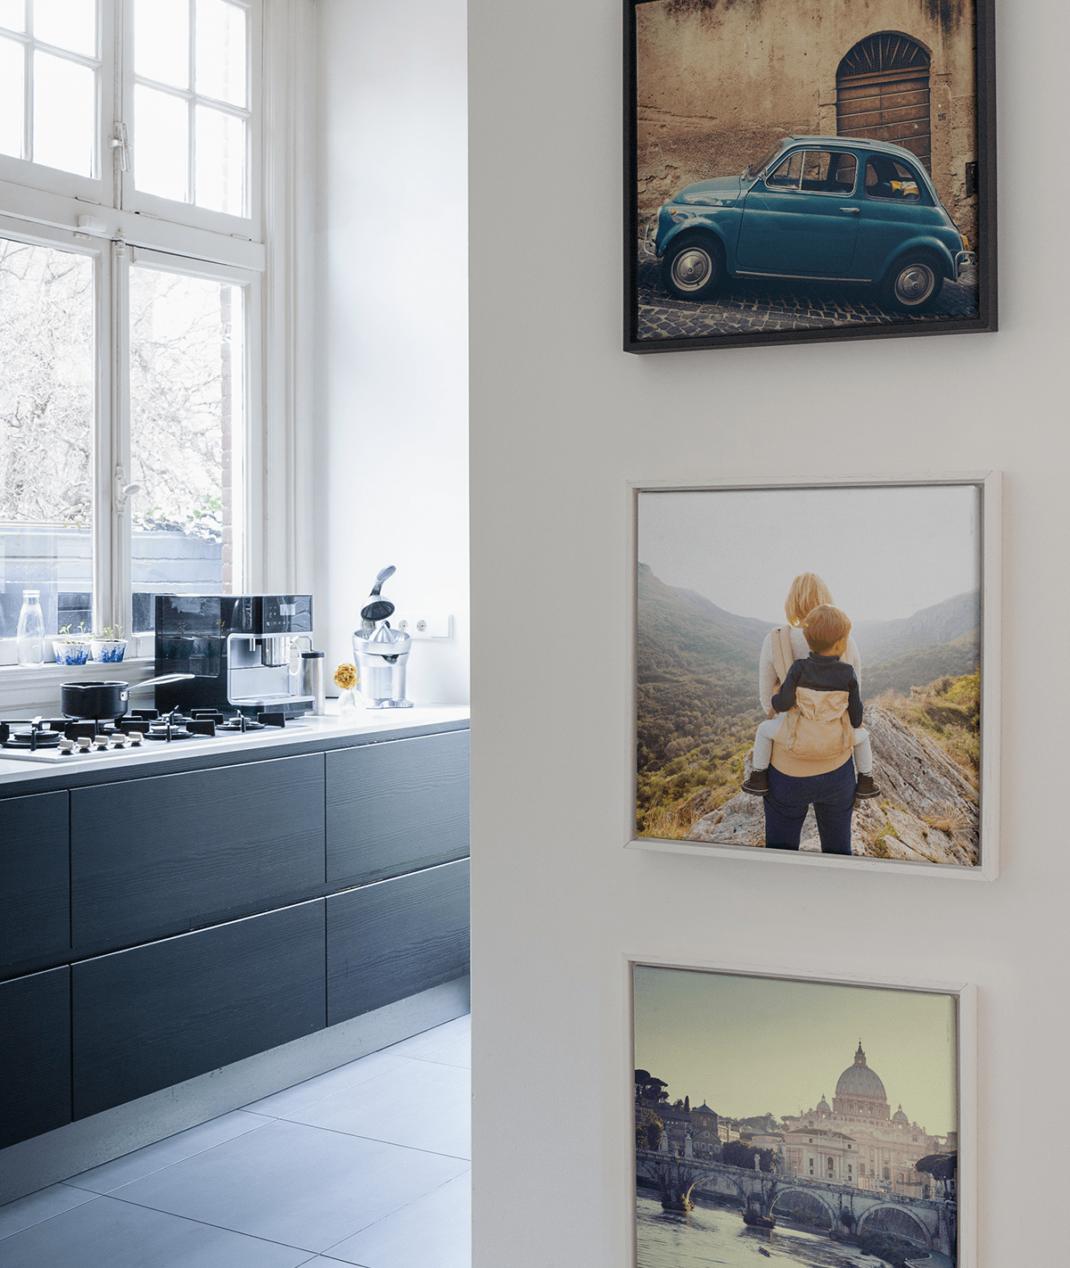 comment cr er un mur photo pour r inventer votre espace. Black Bedroom Furniture Sets. Home Design Ideas